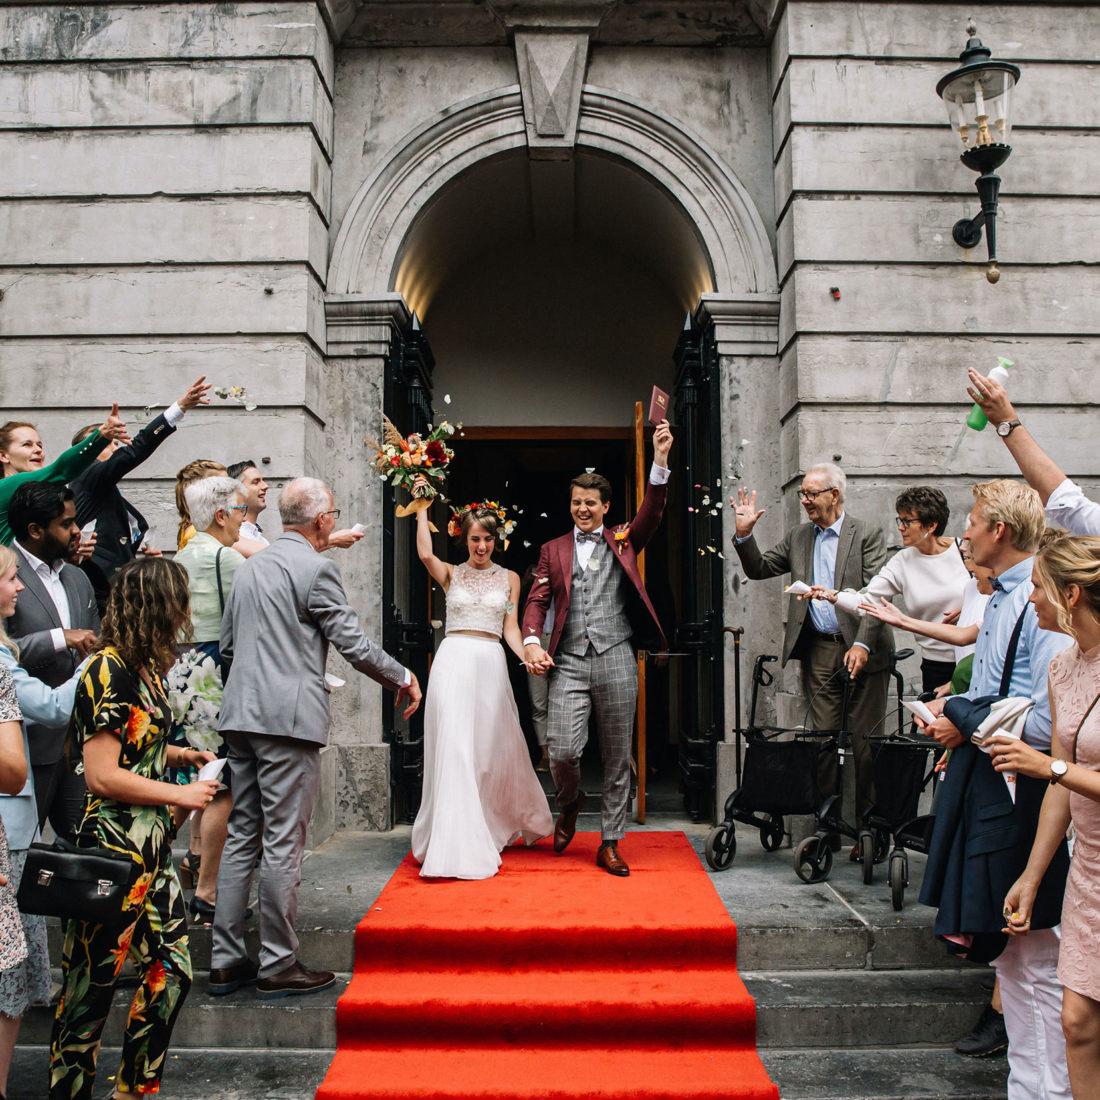 Bruidspaar verwelkomd door gasten